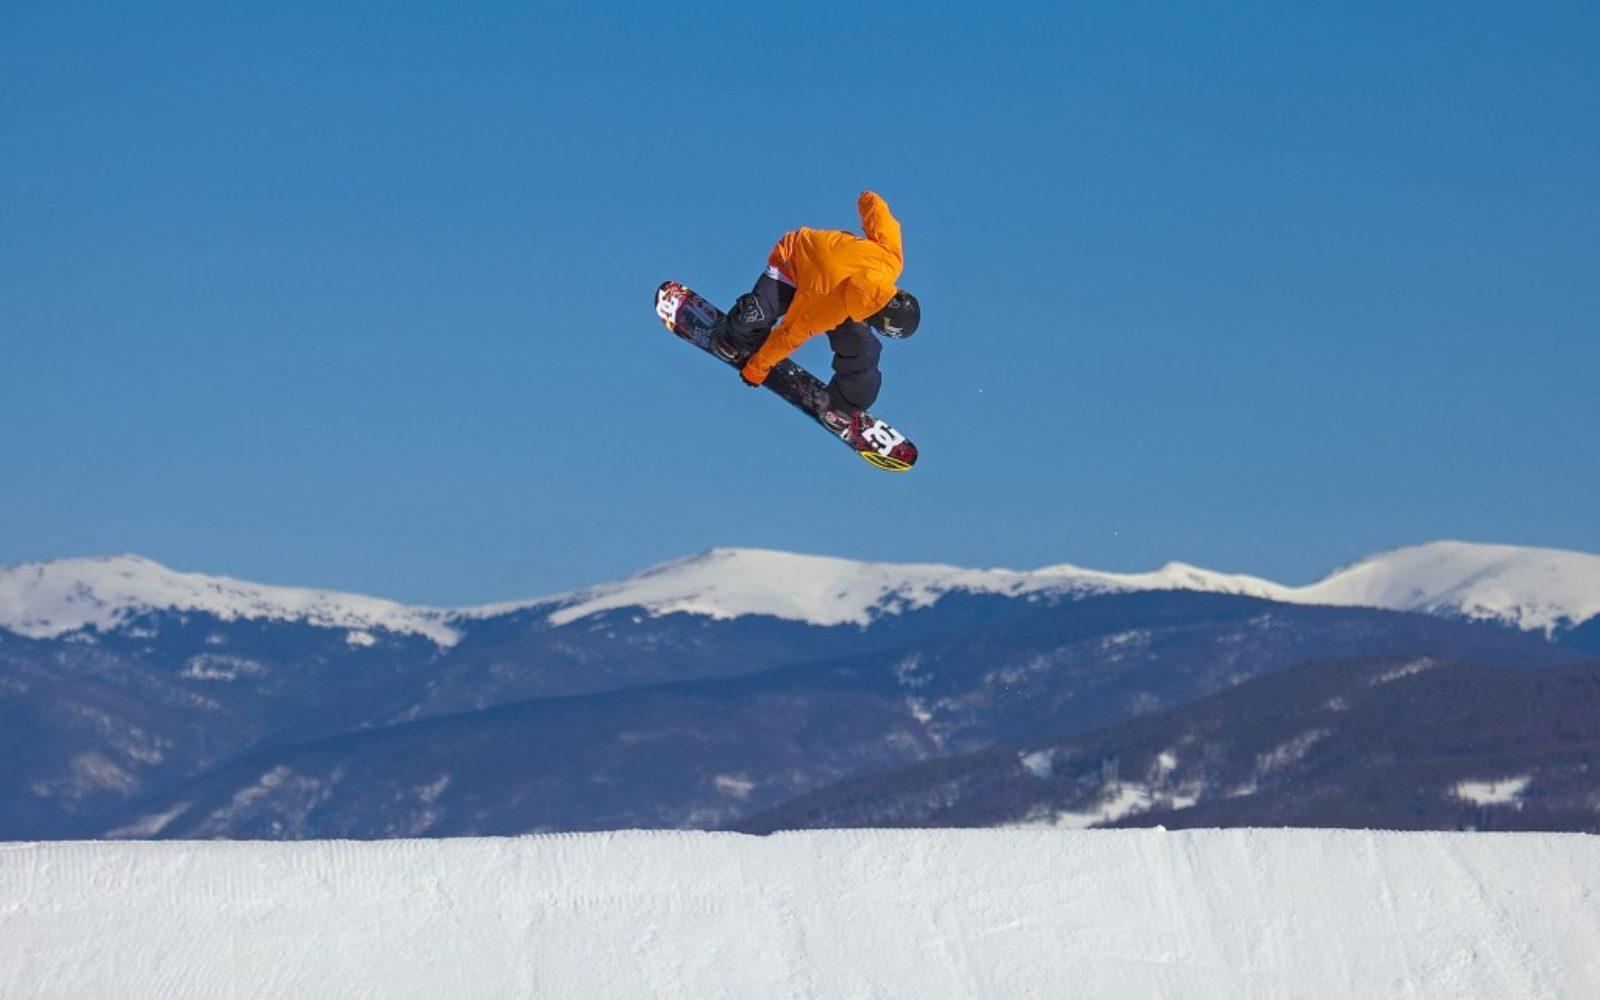 sports-xgames-snowboard-1024x640